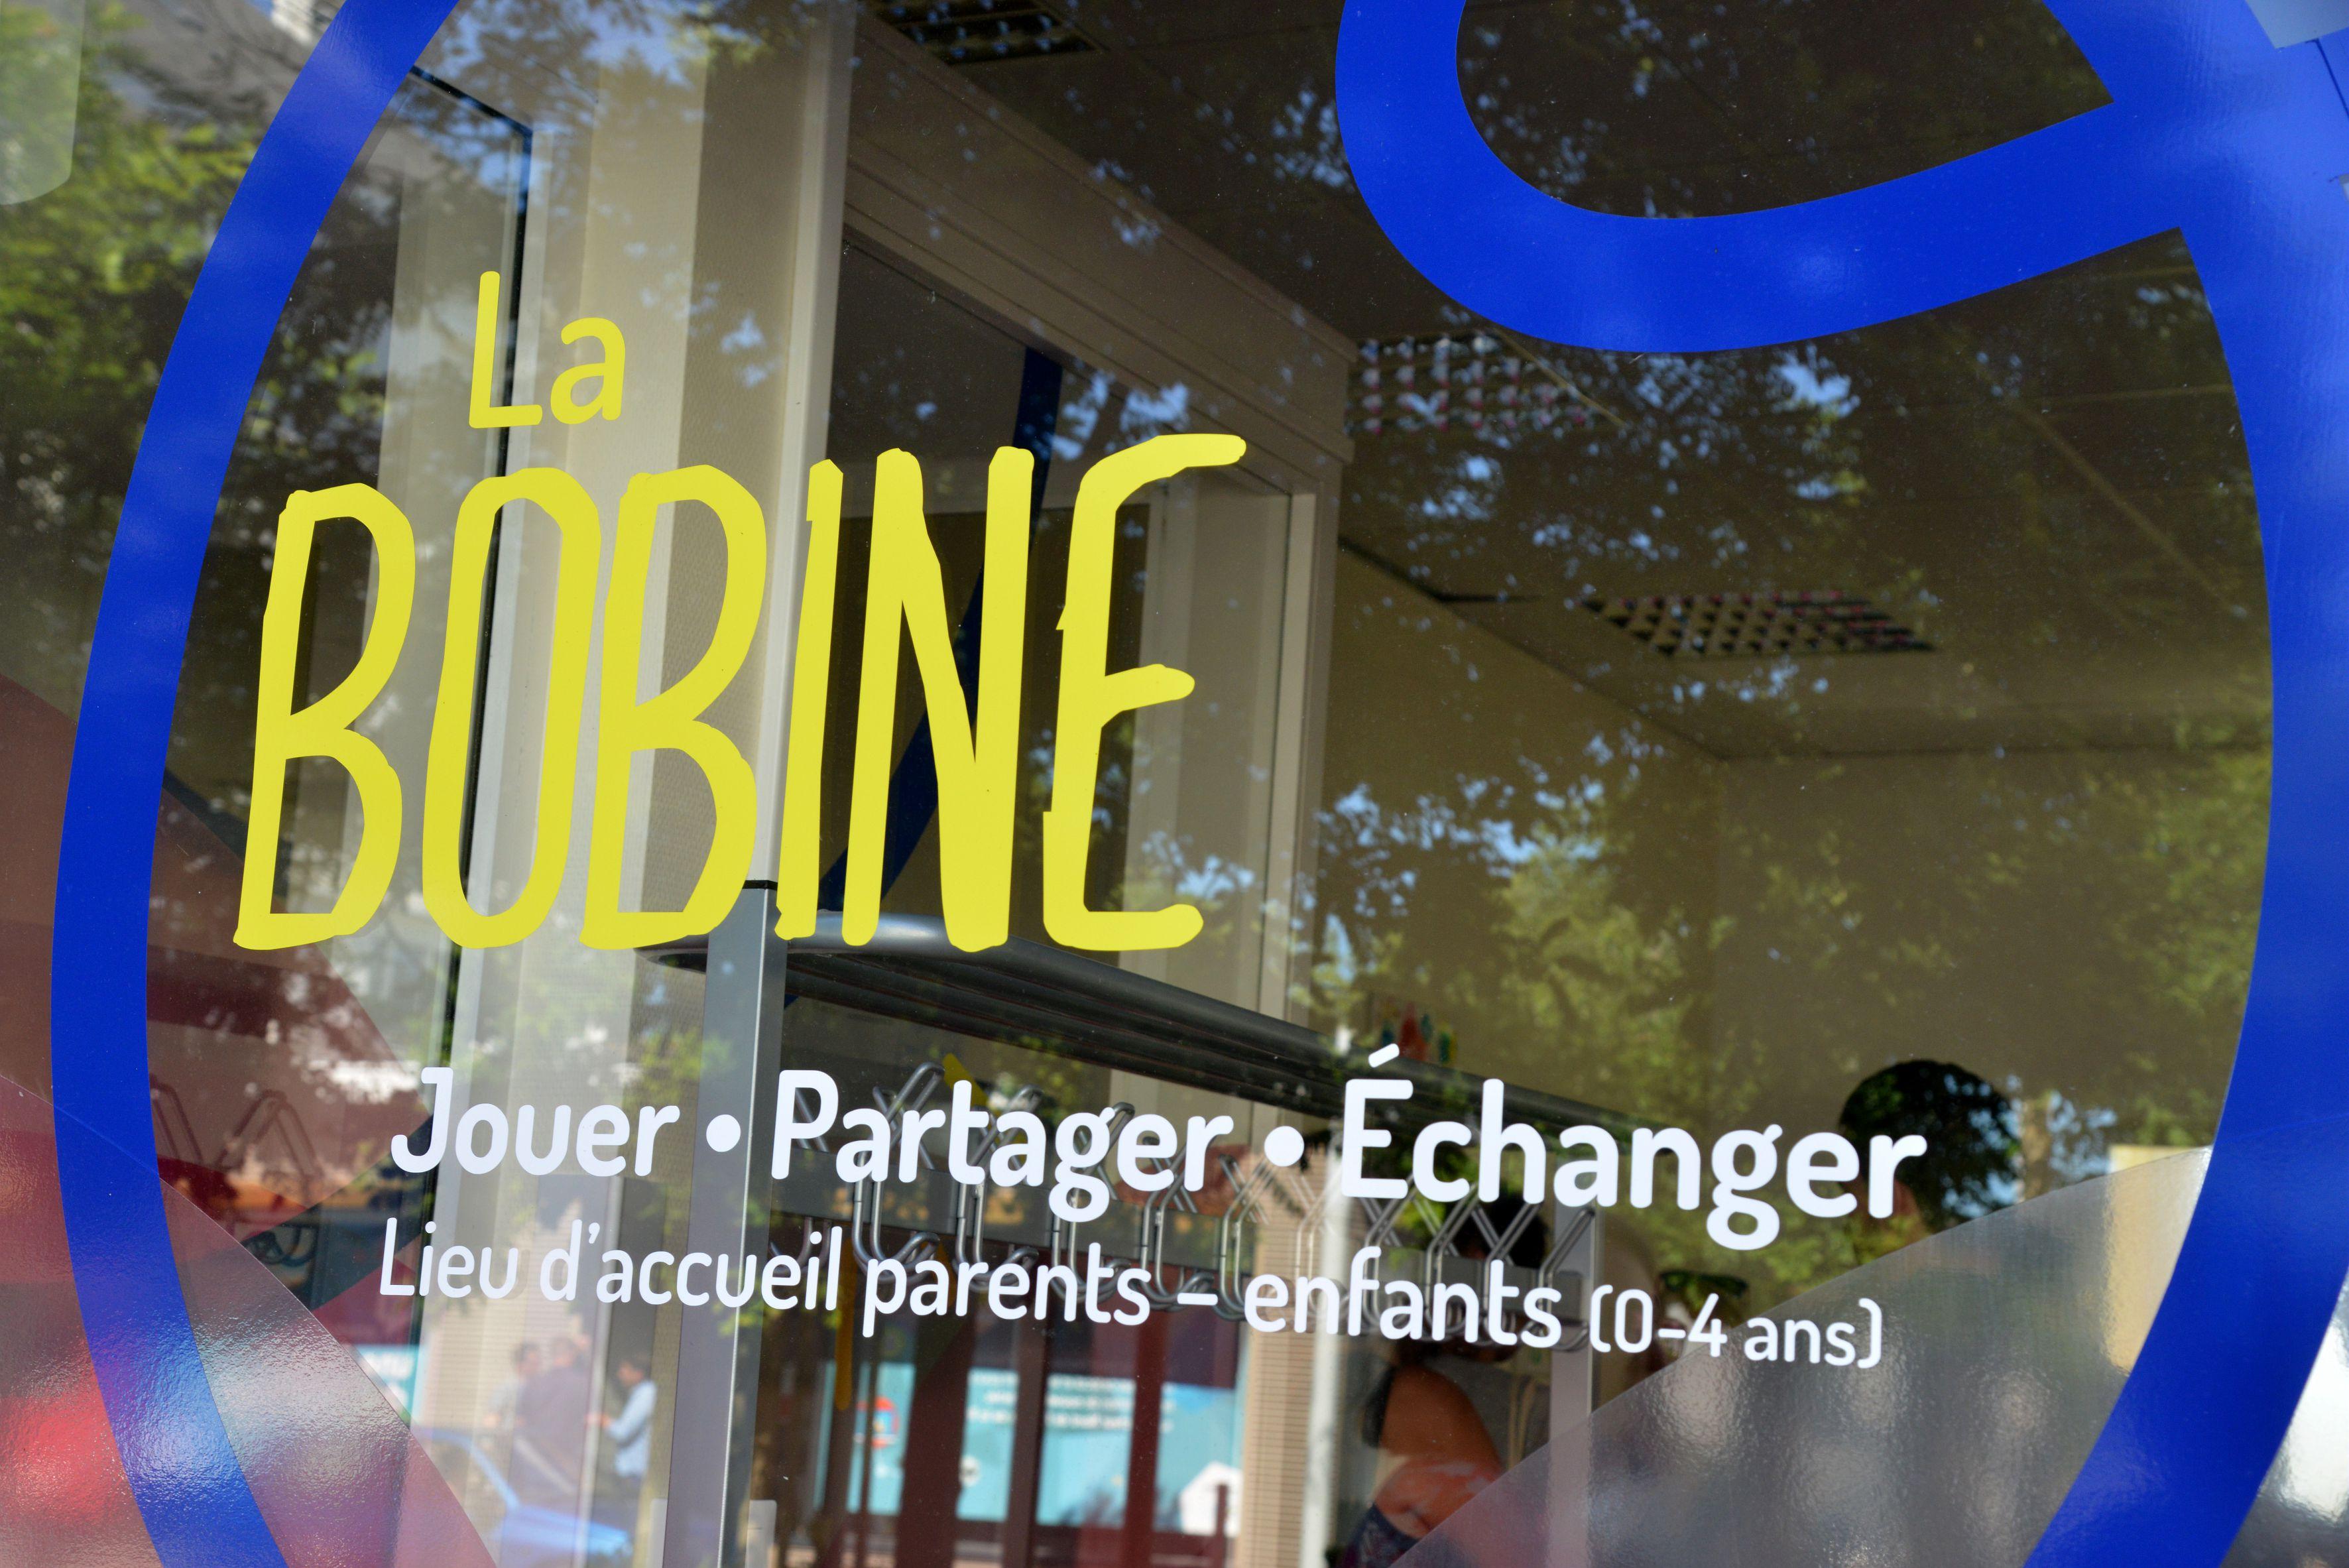 La Bobine à Saint-Nazaire. Crédit : Robert-Launay Ville de Saint-Nazaire